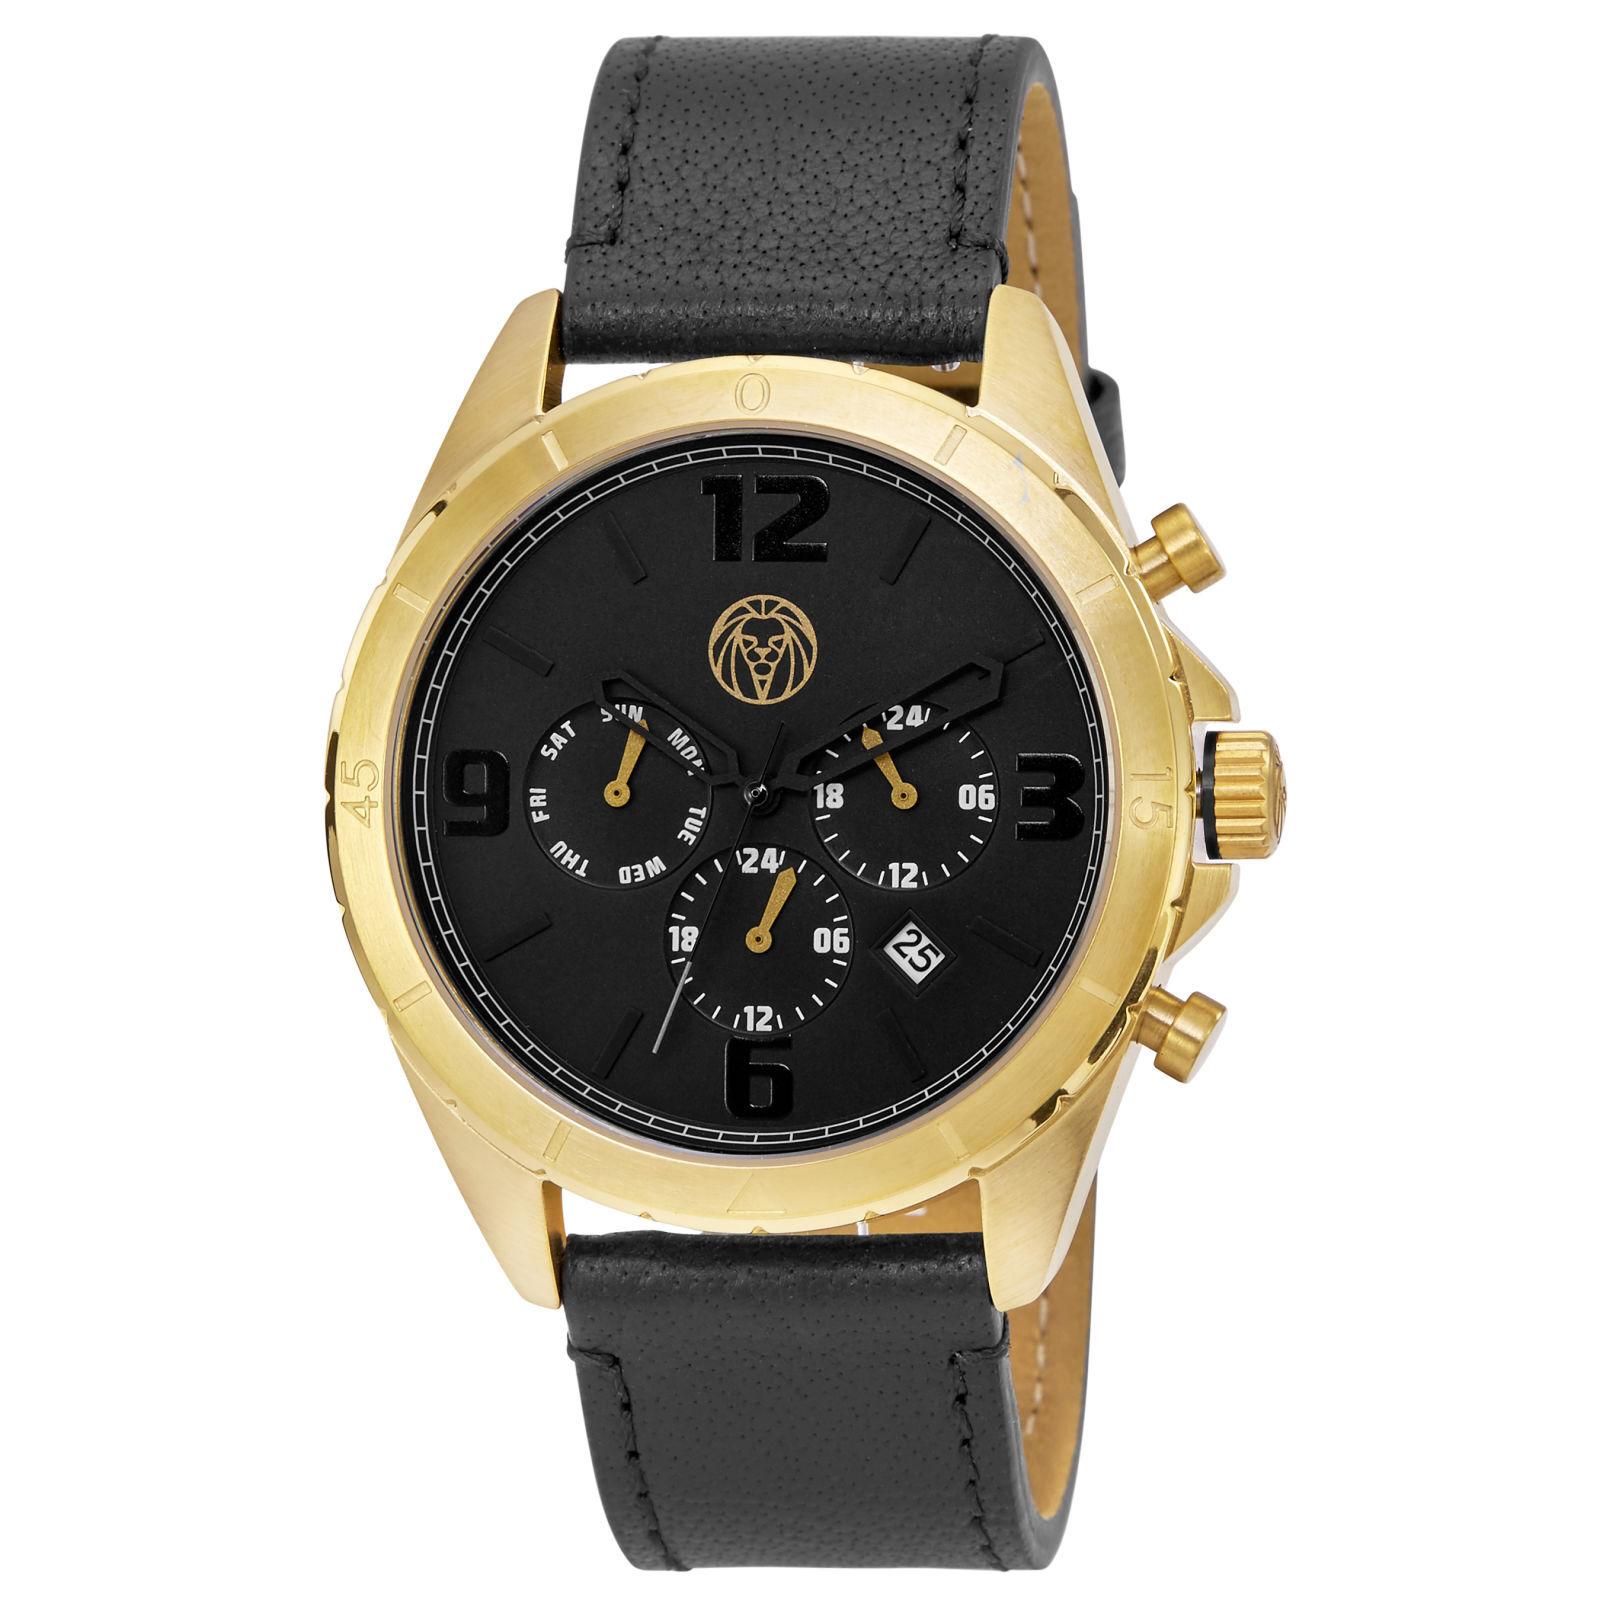 Lucleon Rover Alton -kello